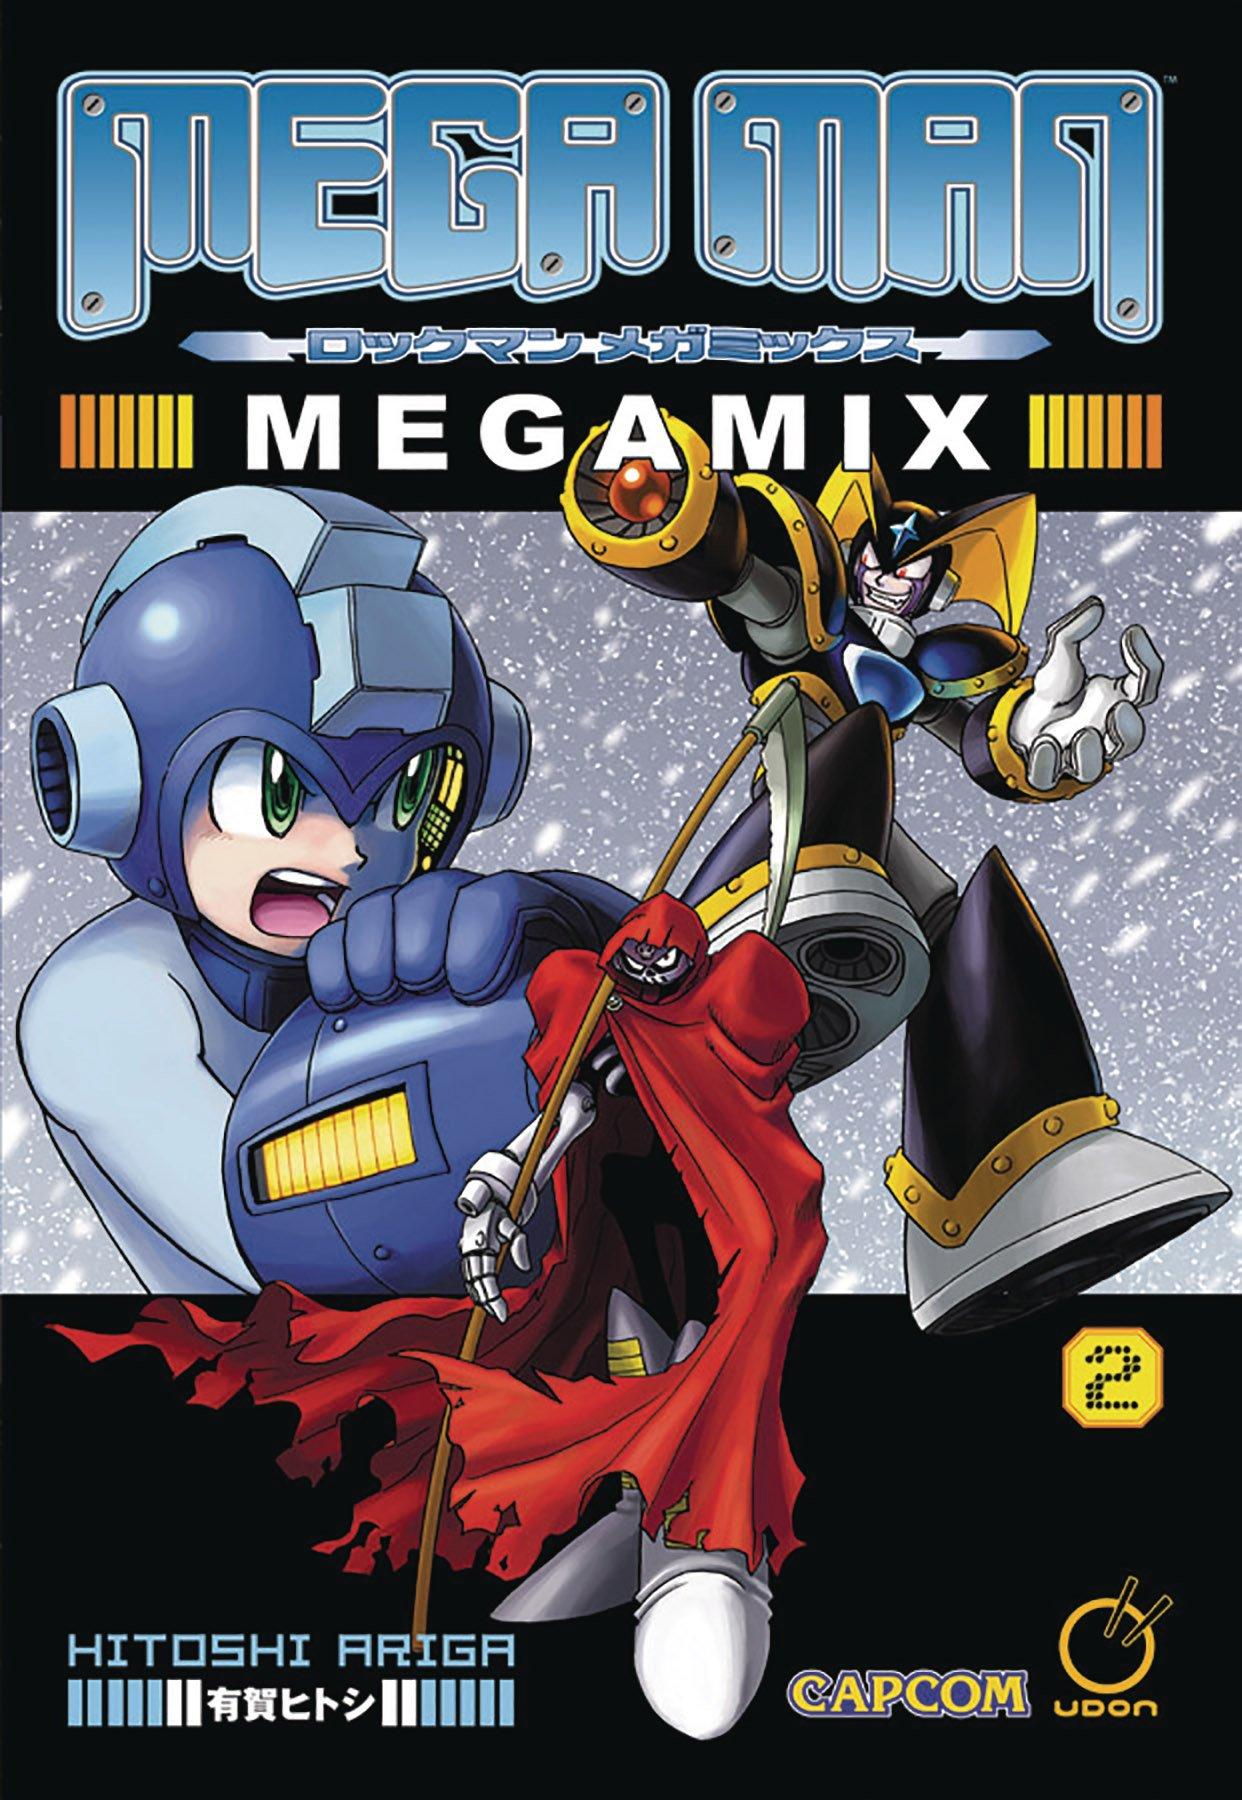 Mega Man Megamix Vol.2